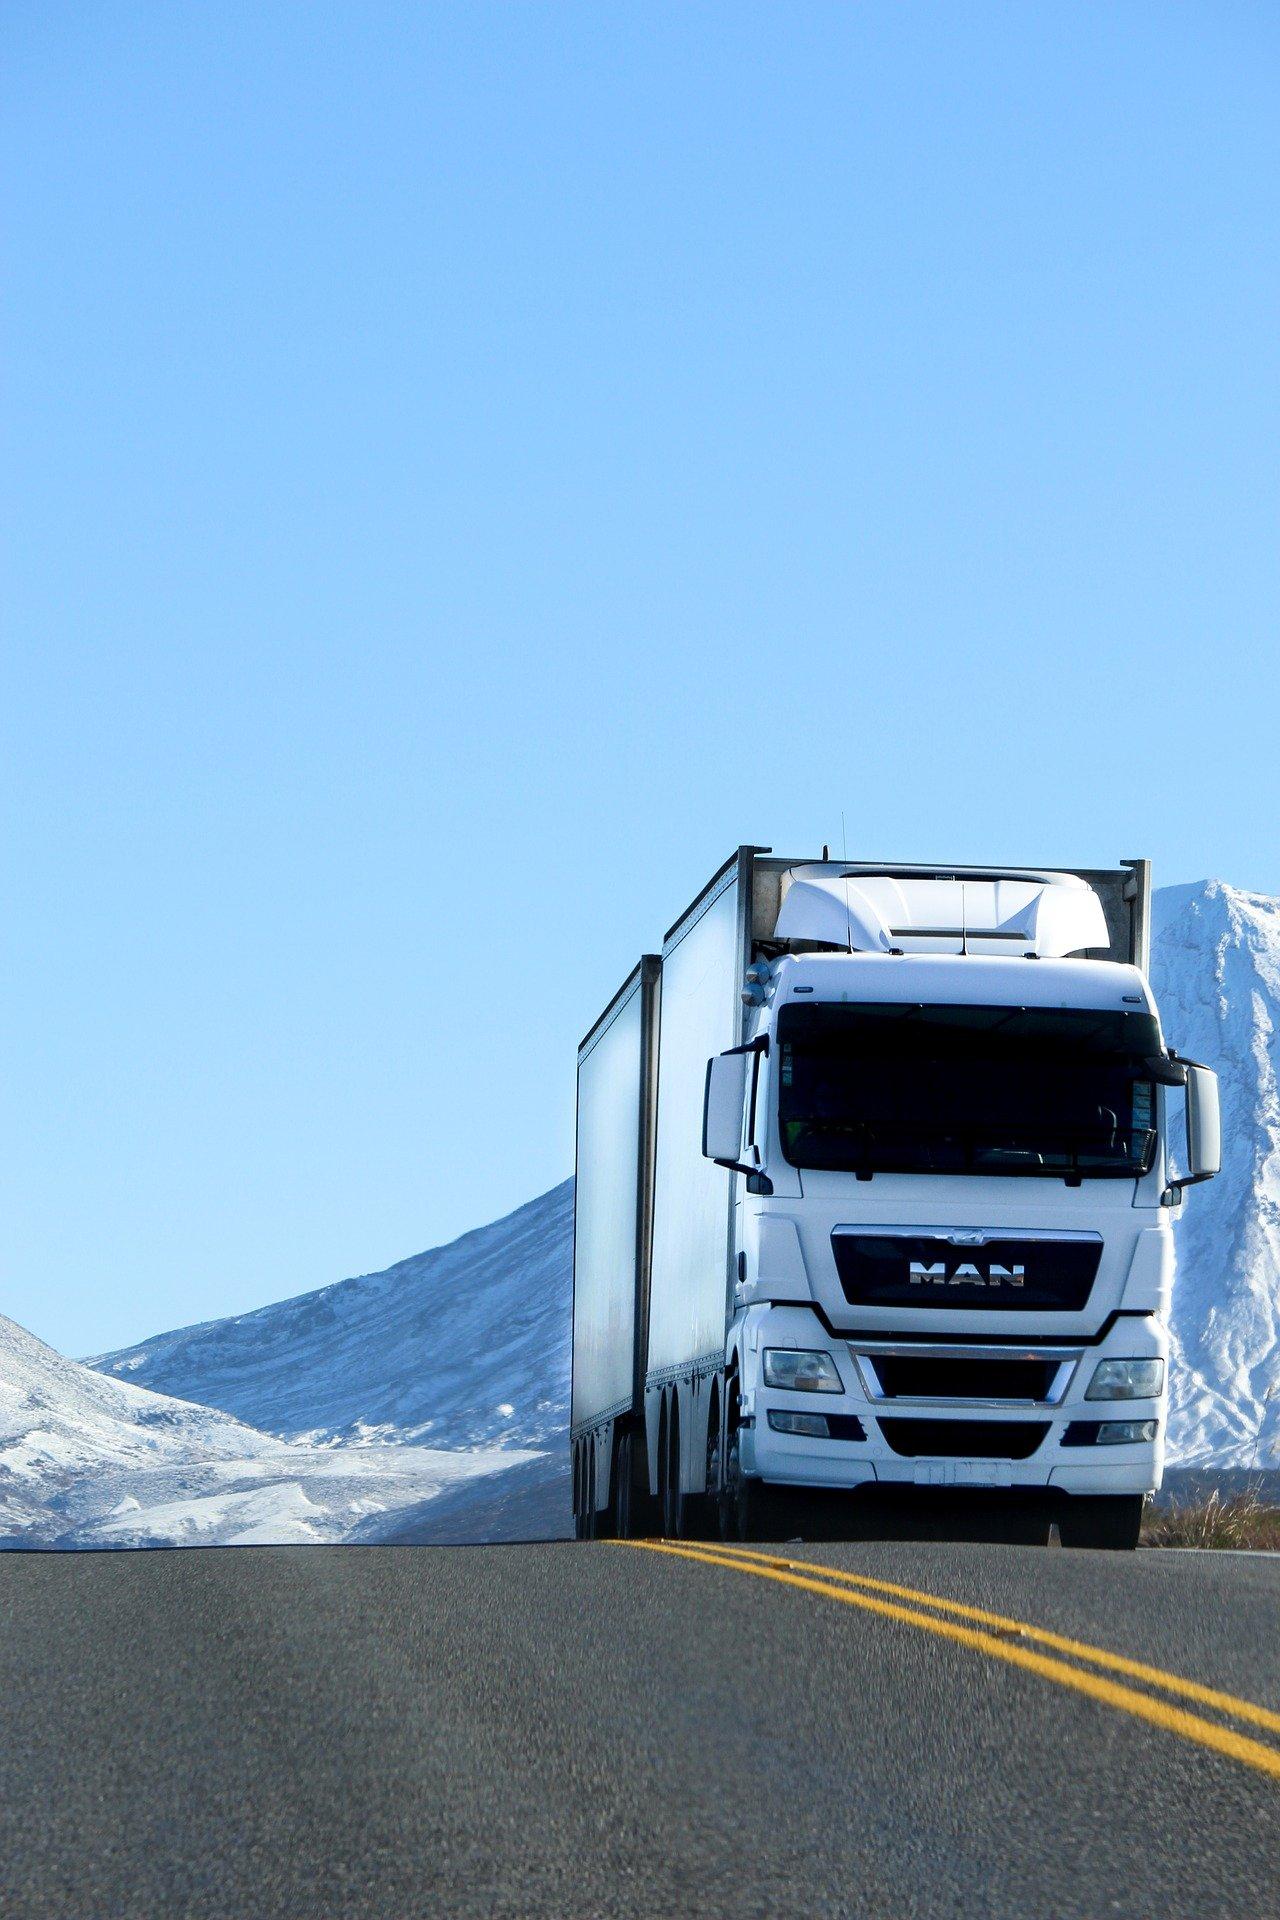 used_trucks_sale